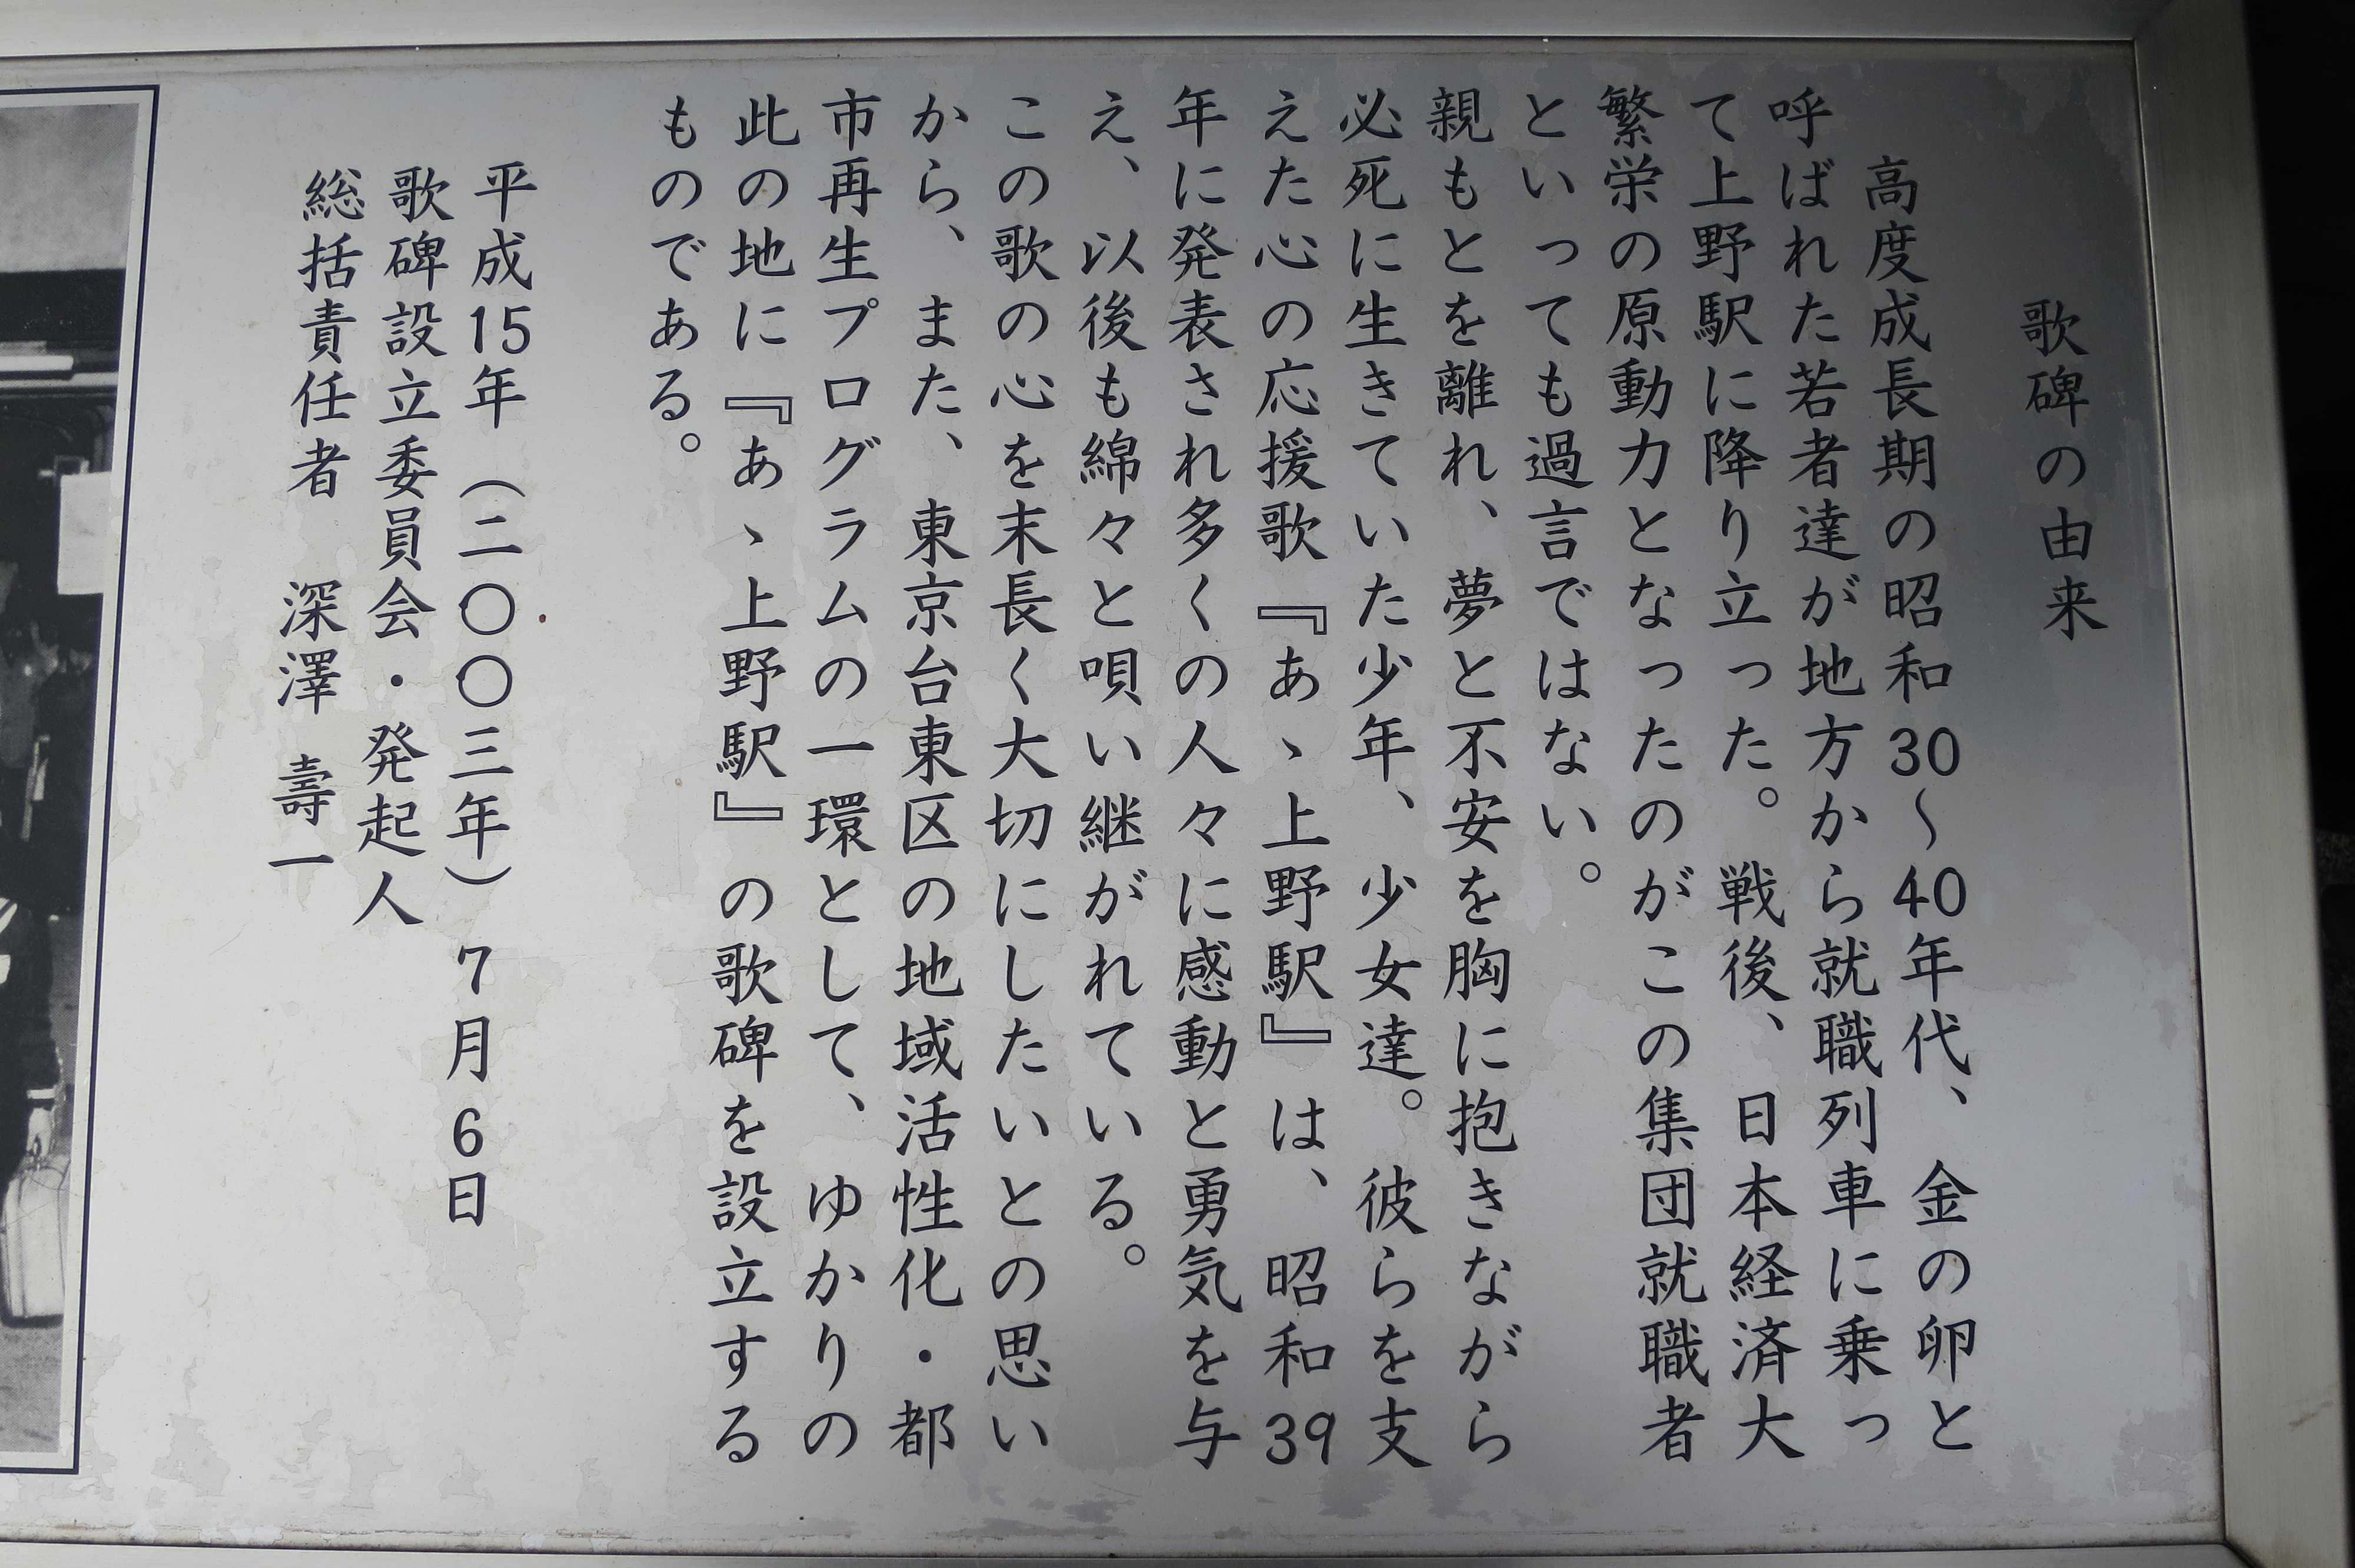 「あゝ上野駅」の歌碑の由来